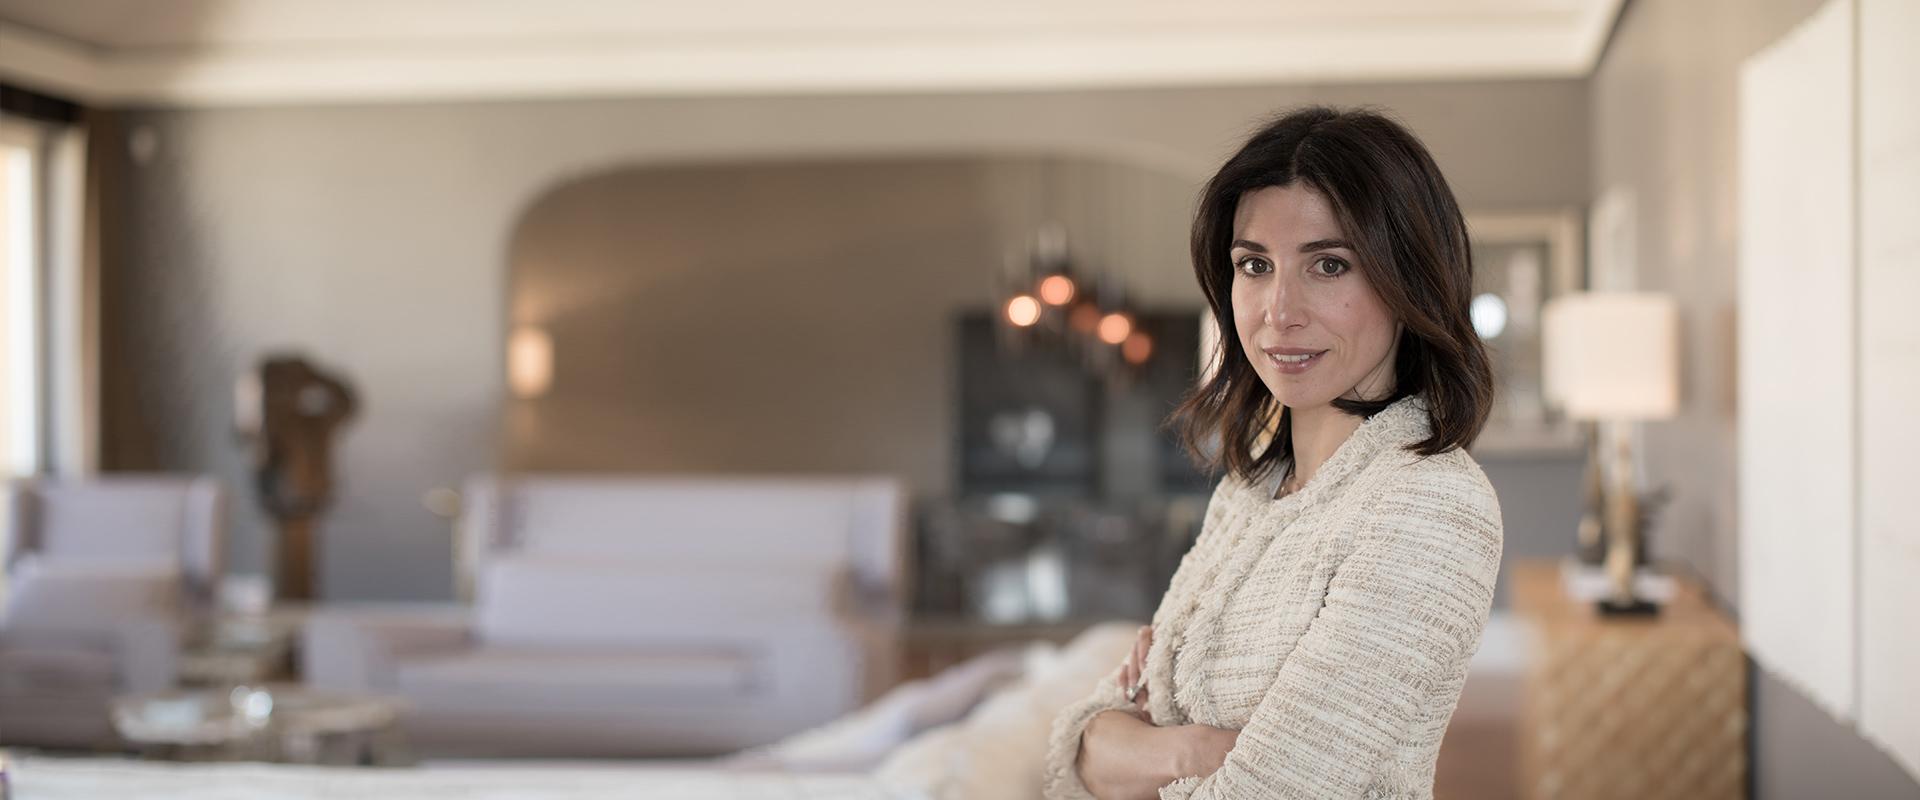 Francesca-Bruni-intermediazione-luxury-real-estate